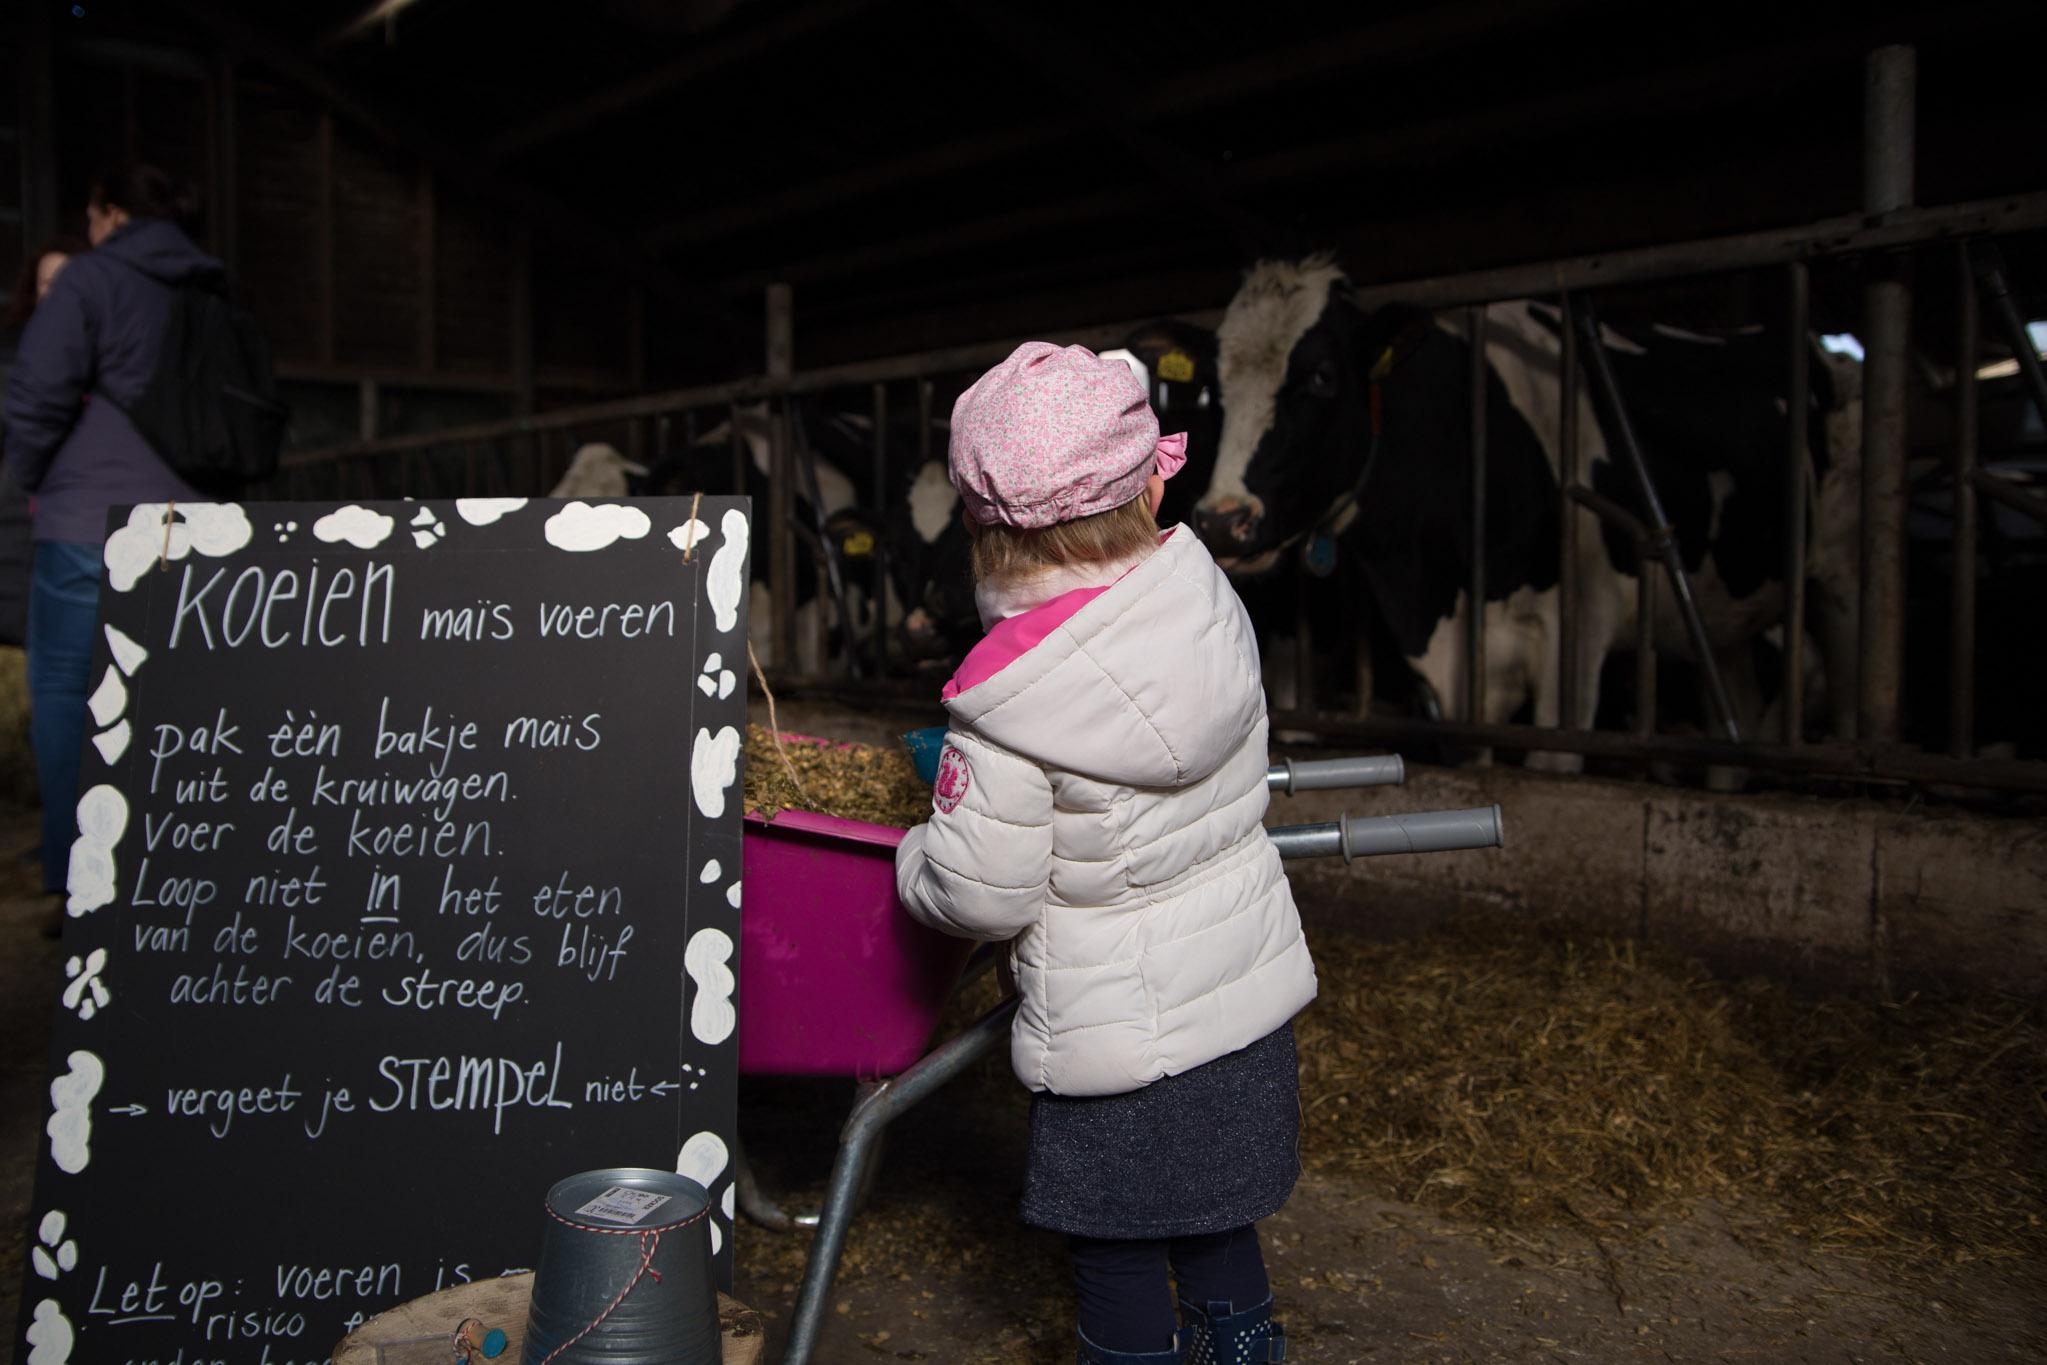 boerderij De Zonnewijzer Open dag koeien voeren